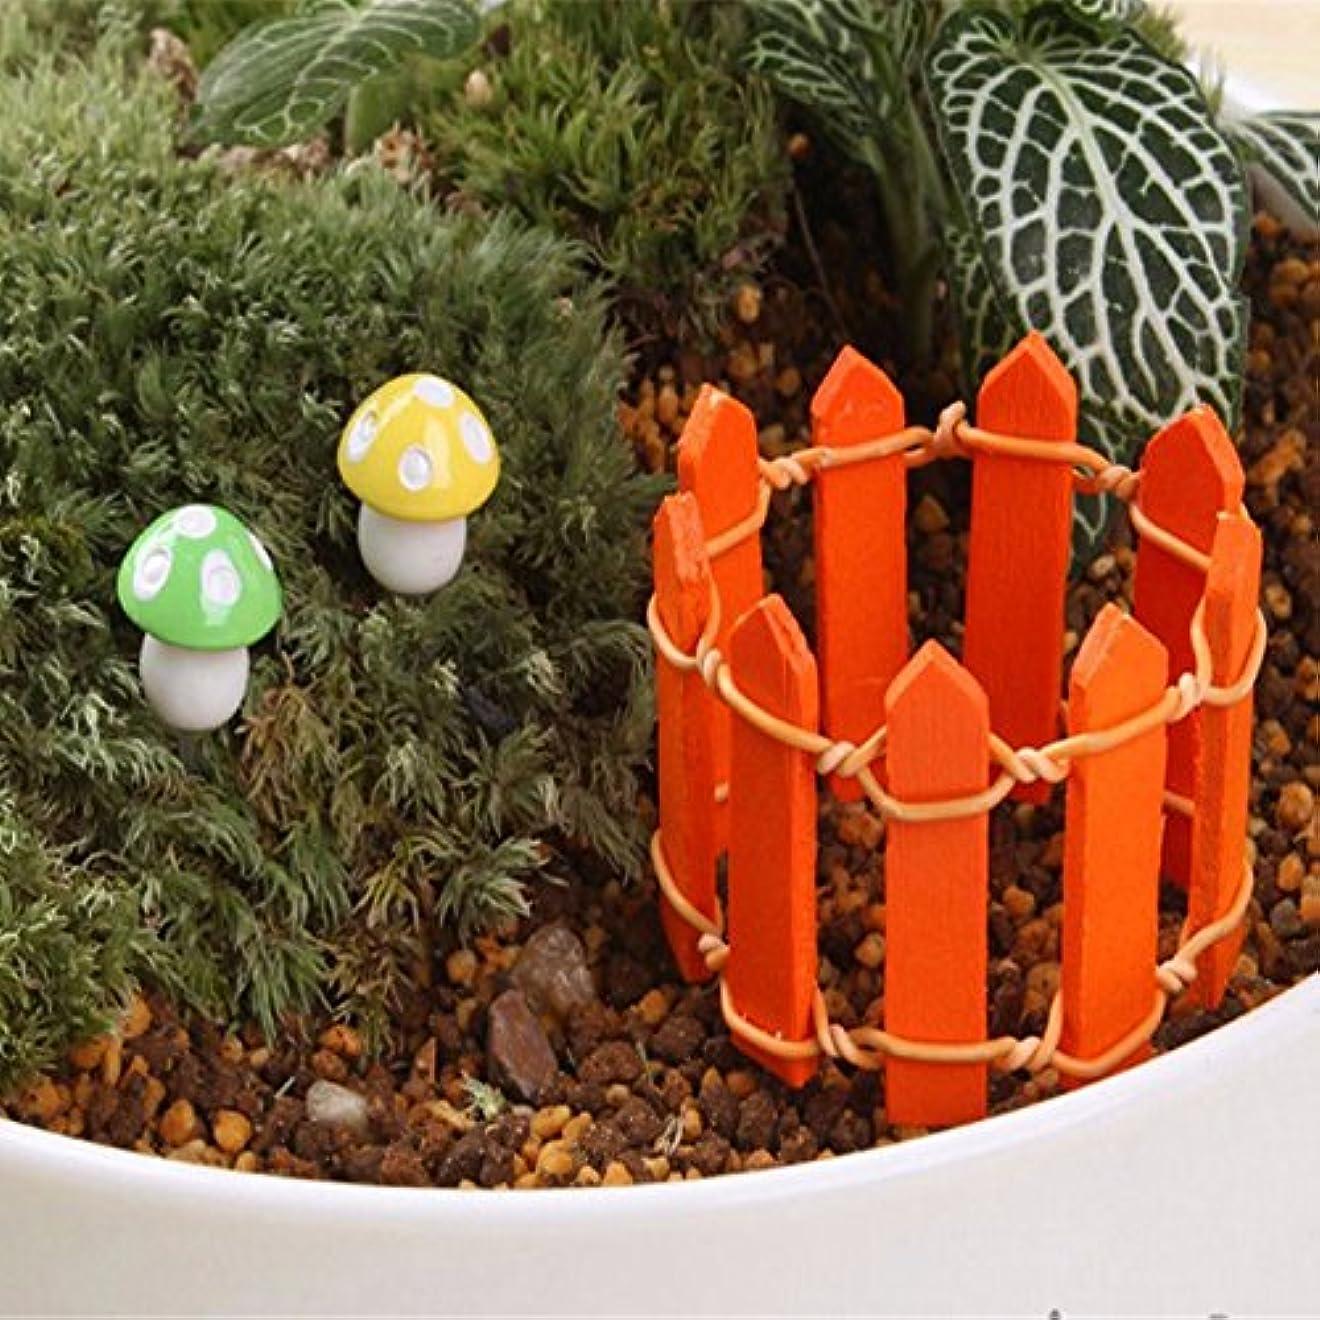 ビルマありふれたアッパーJicorzo - 20個DIY木製の小さなフェンスモステラリウム植木鉢工芸ミニおもちゃフェアリーガーデンミニチュア[オレンジ]